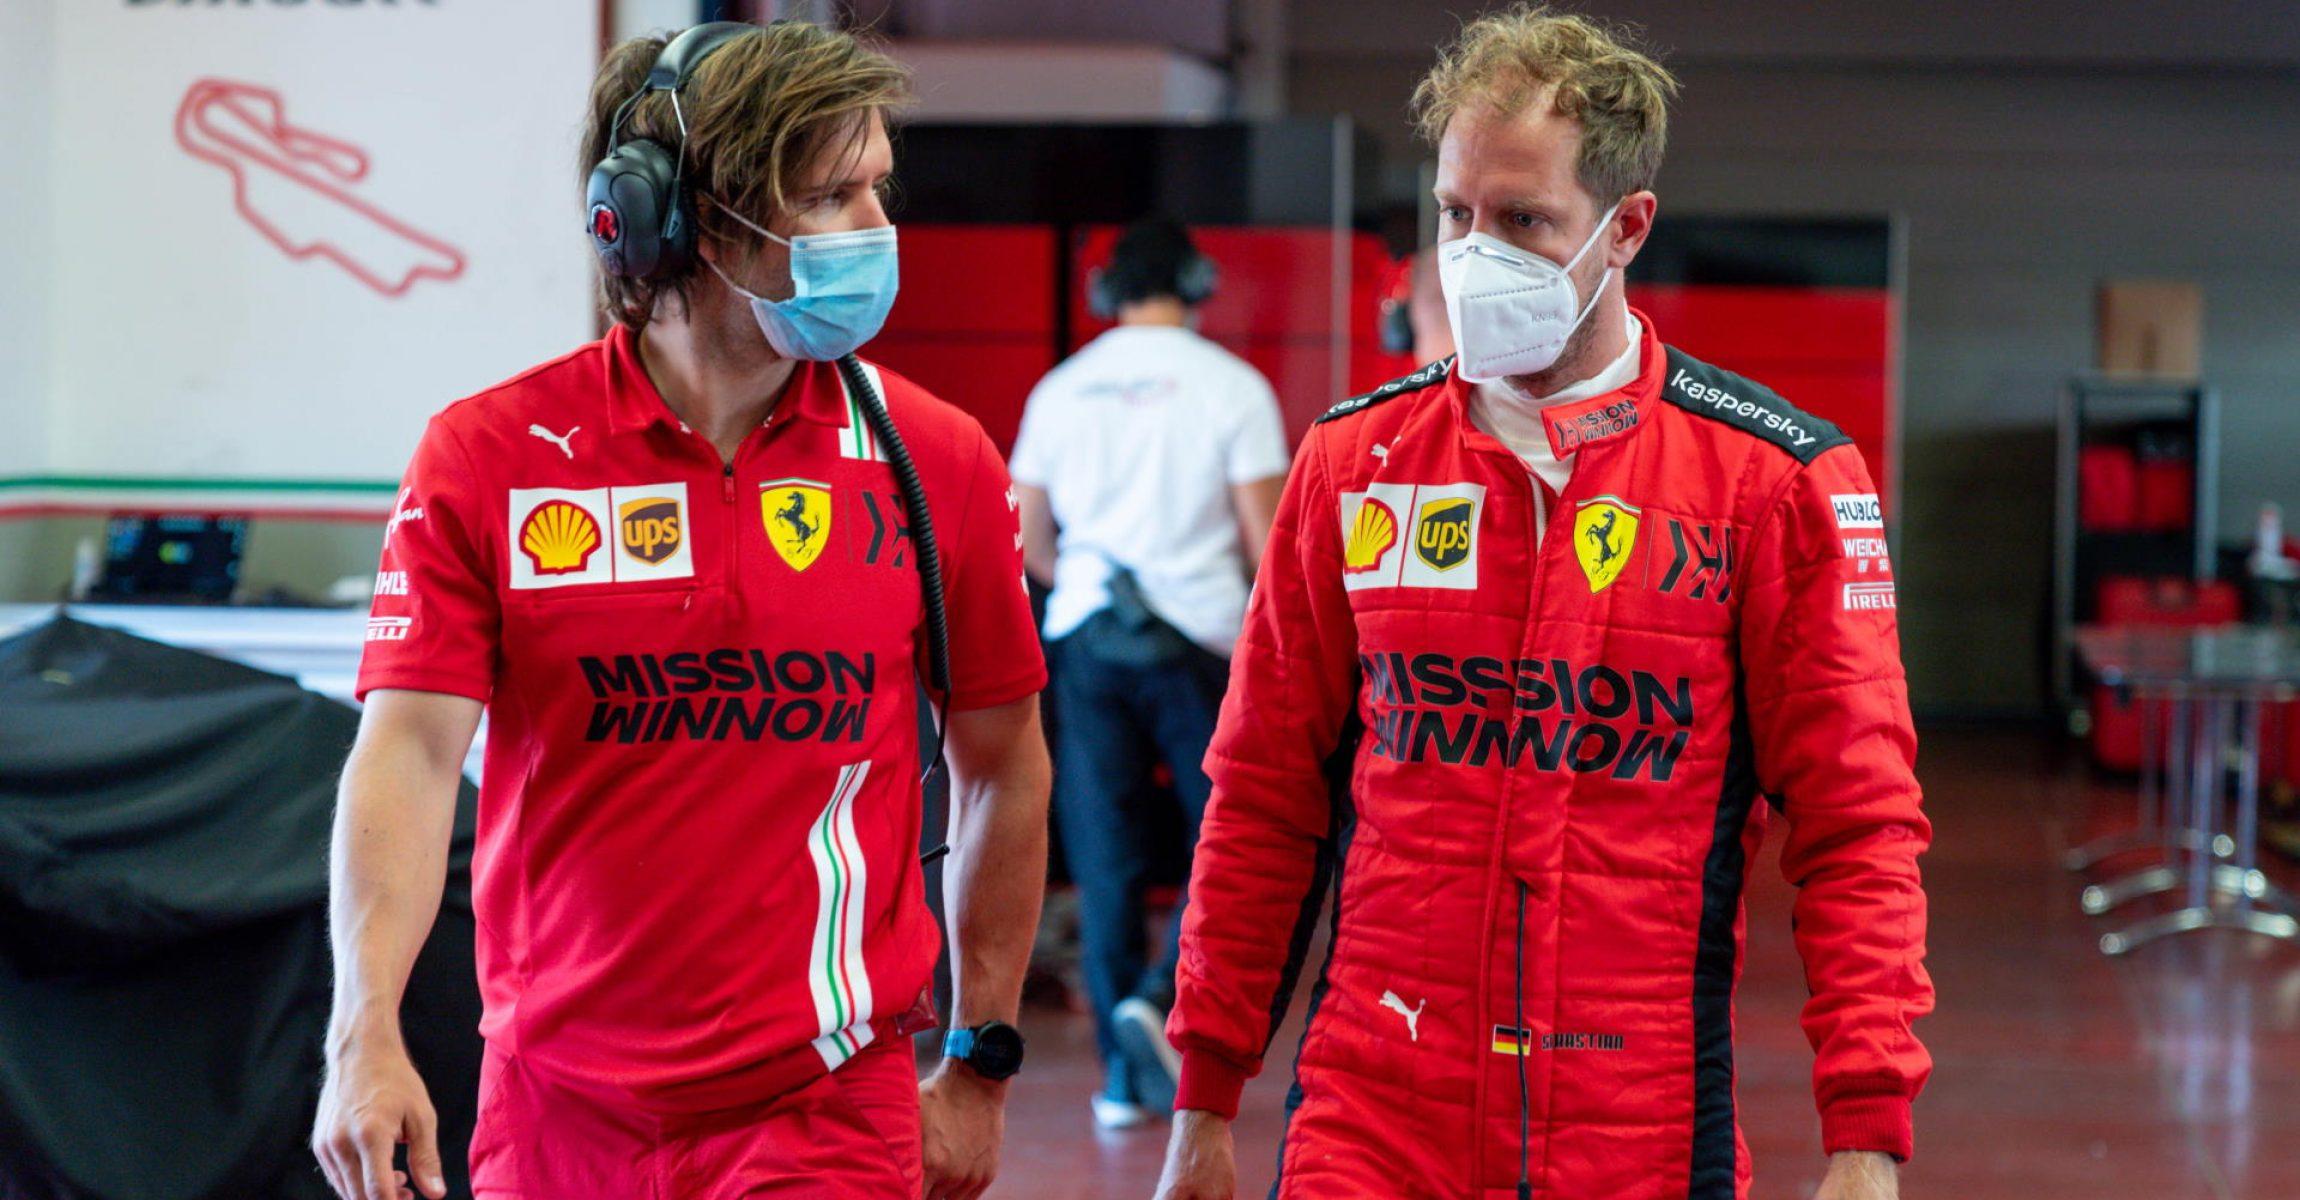 Antti Kontsas, Sebastian Vettel, Ferrari